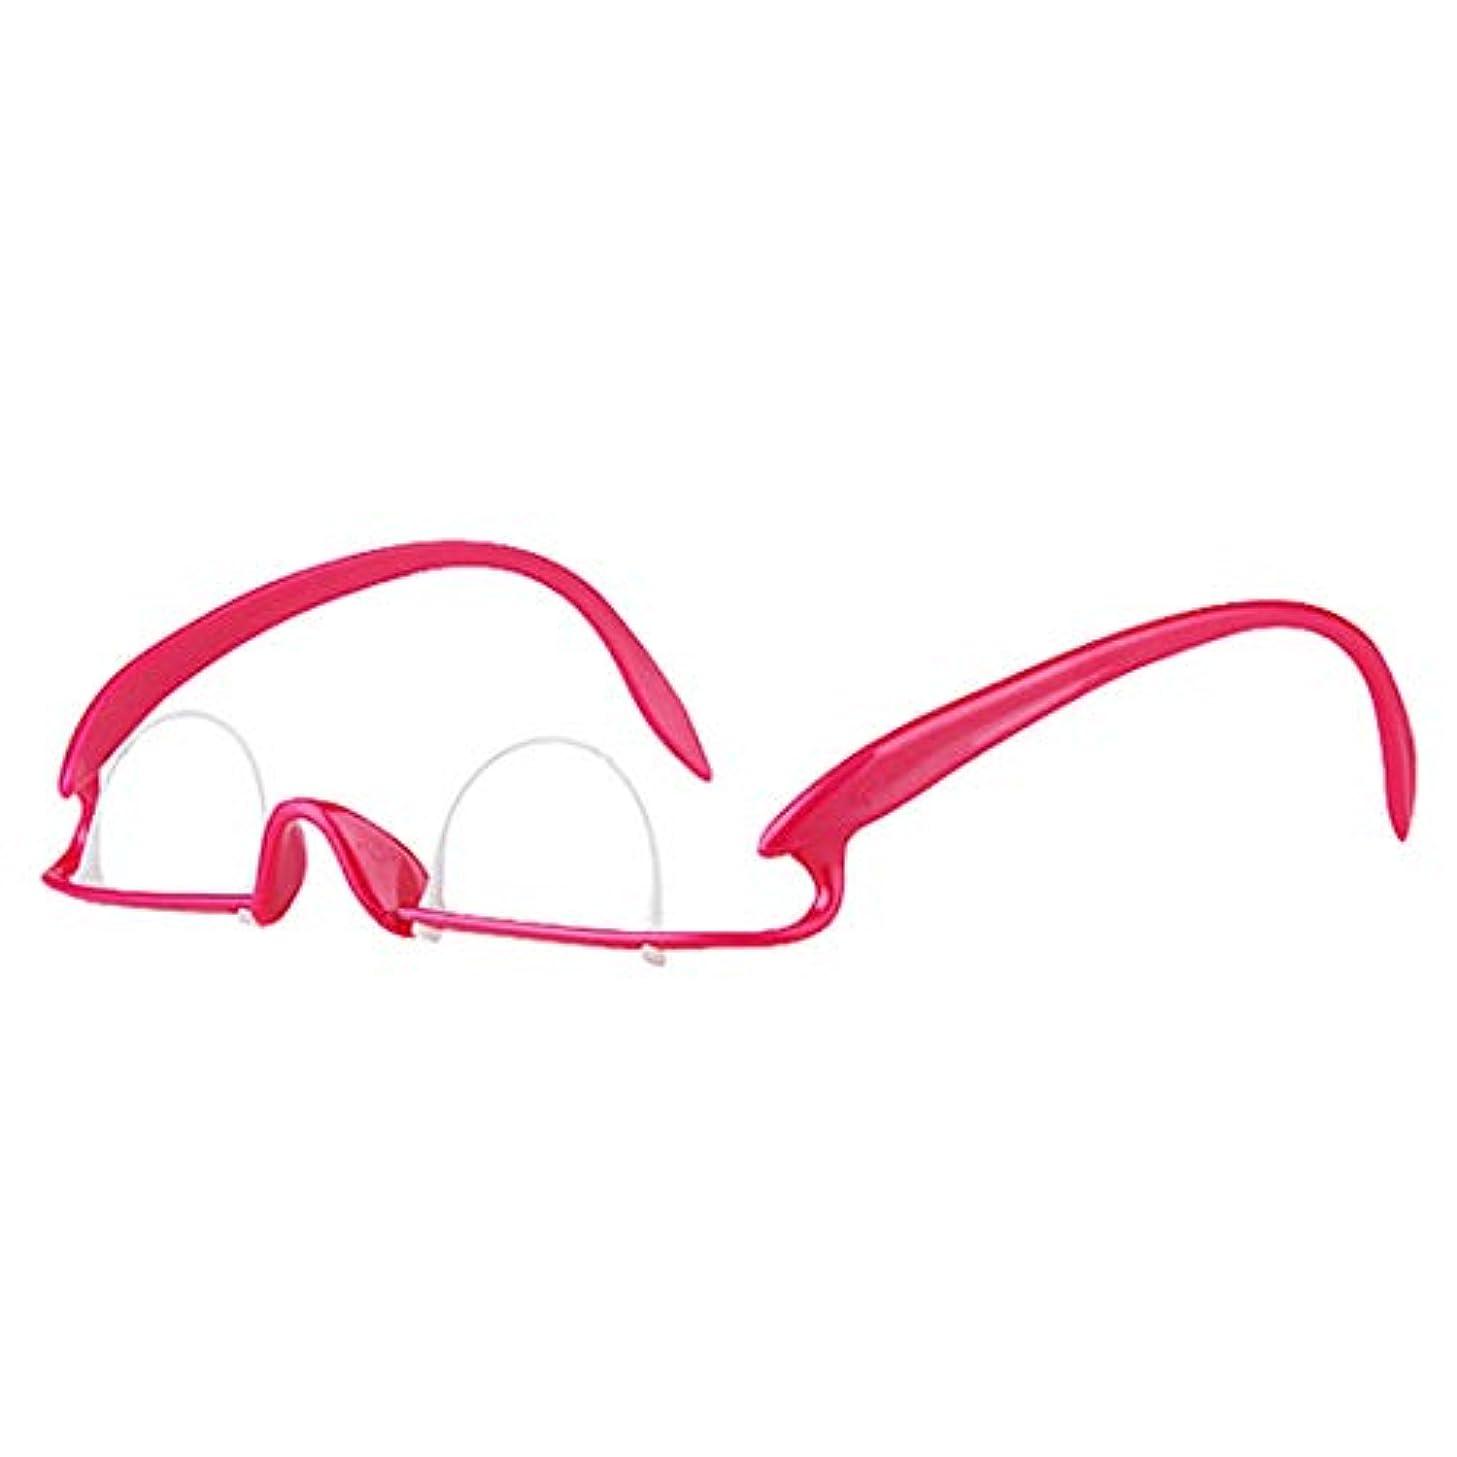 長さフルーツ保険をかける億騰 二重まぶた用メガネ 二重まぶた運動 二重まぶた形成 二重まぶた運動器 メガネトレーナー